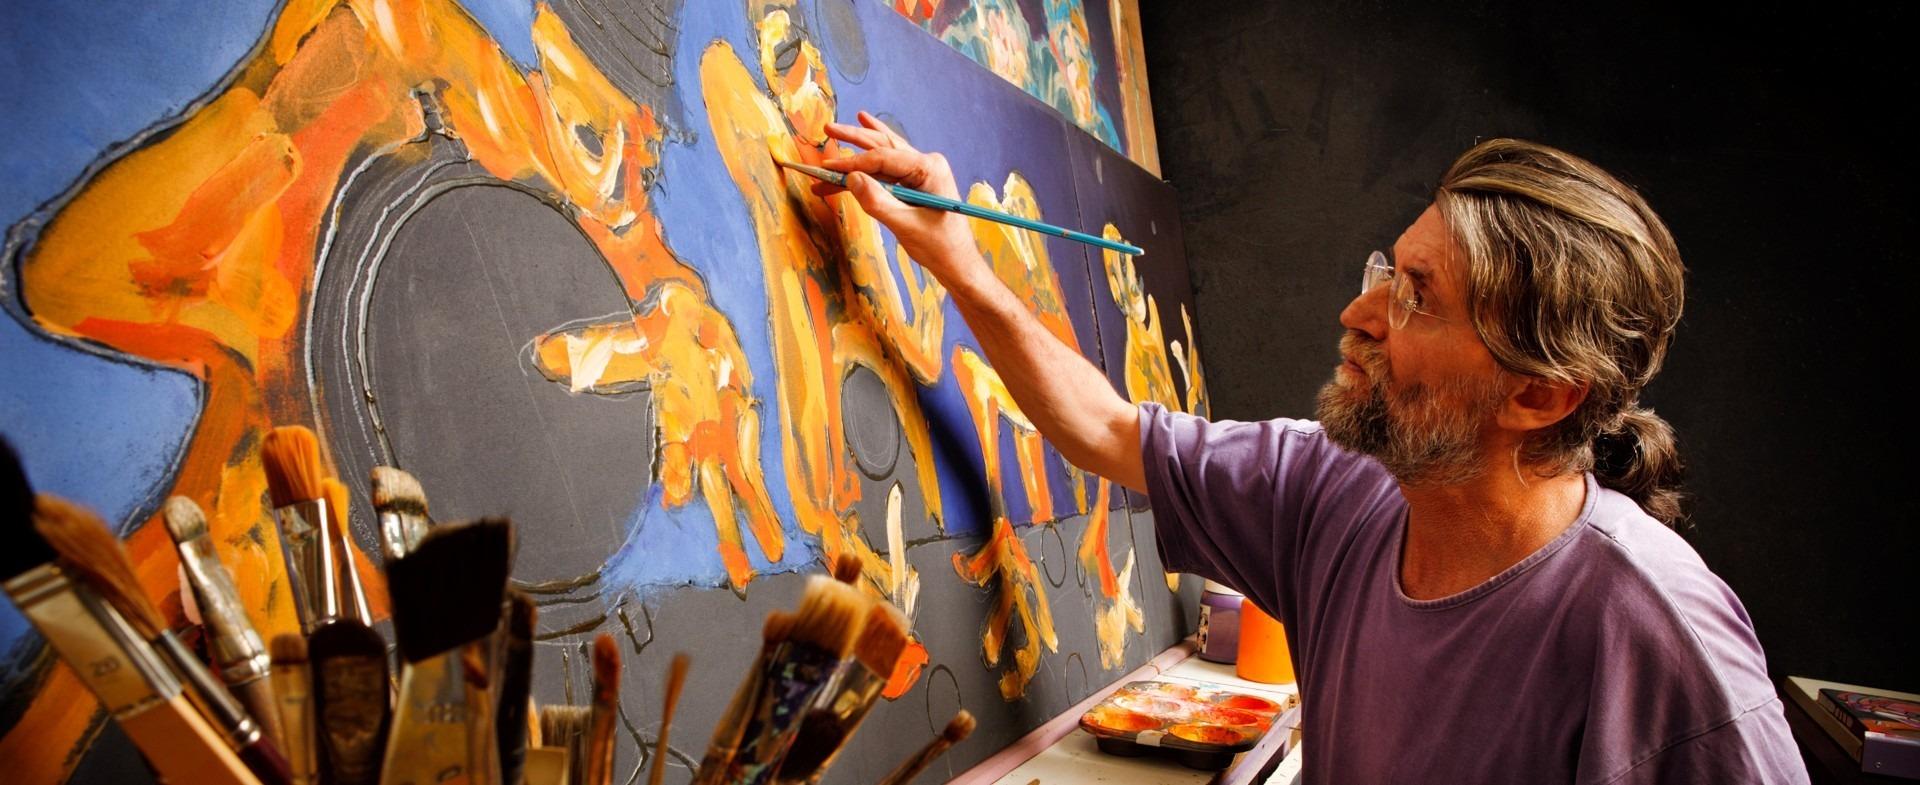 A painter painting a portrait